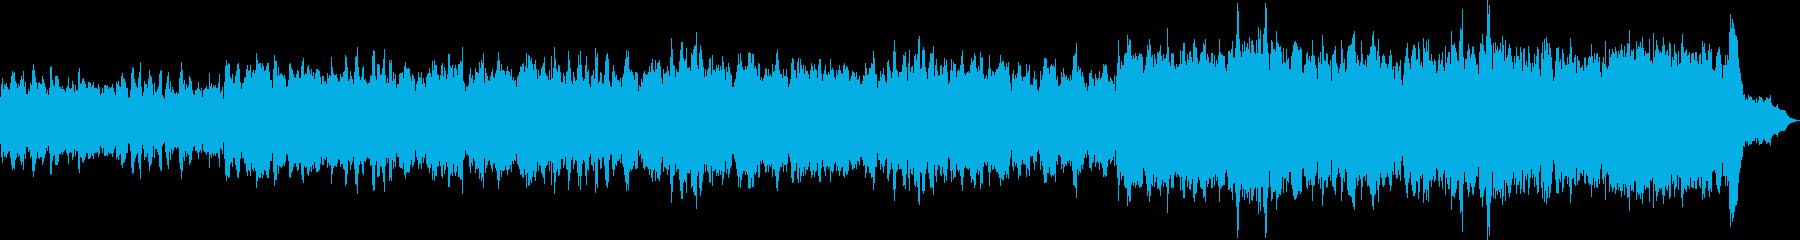 ピアノとストリングスの情熱的な曲の再生済みの波形